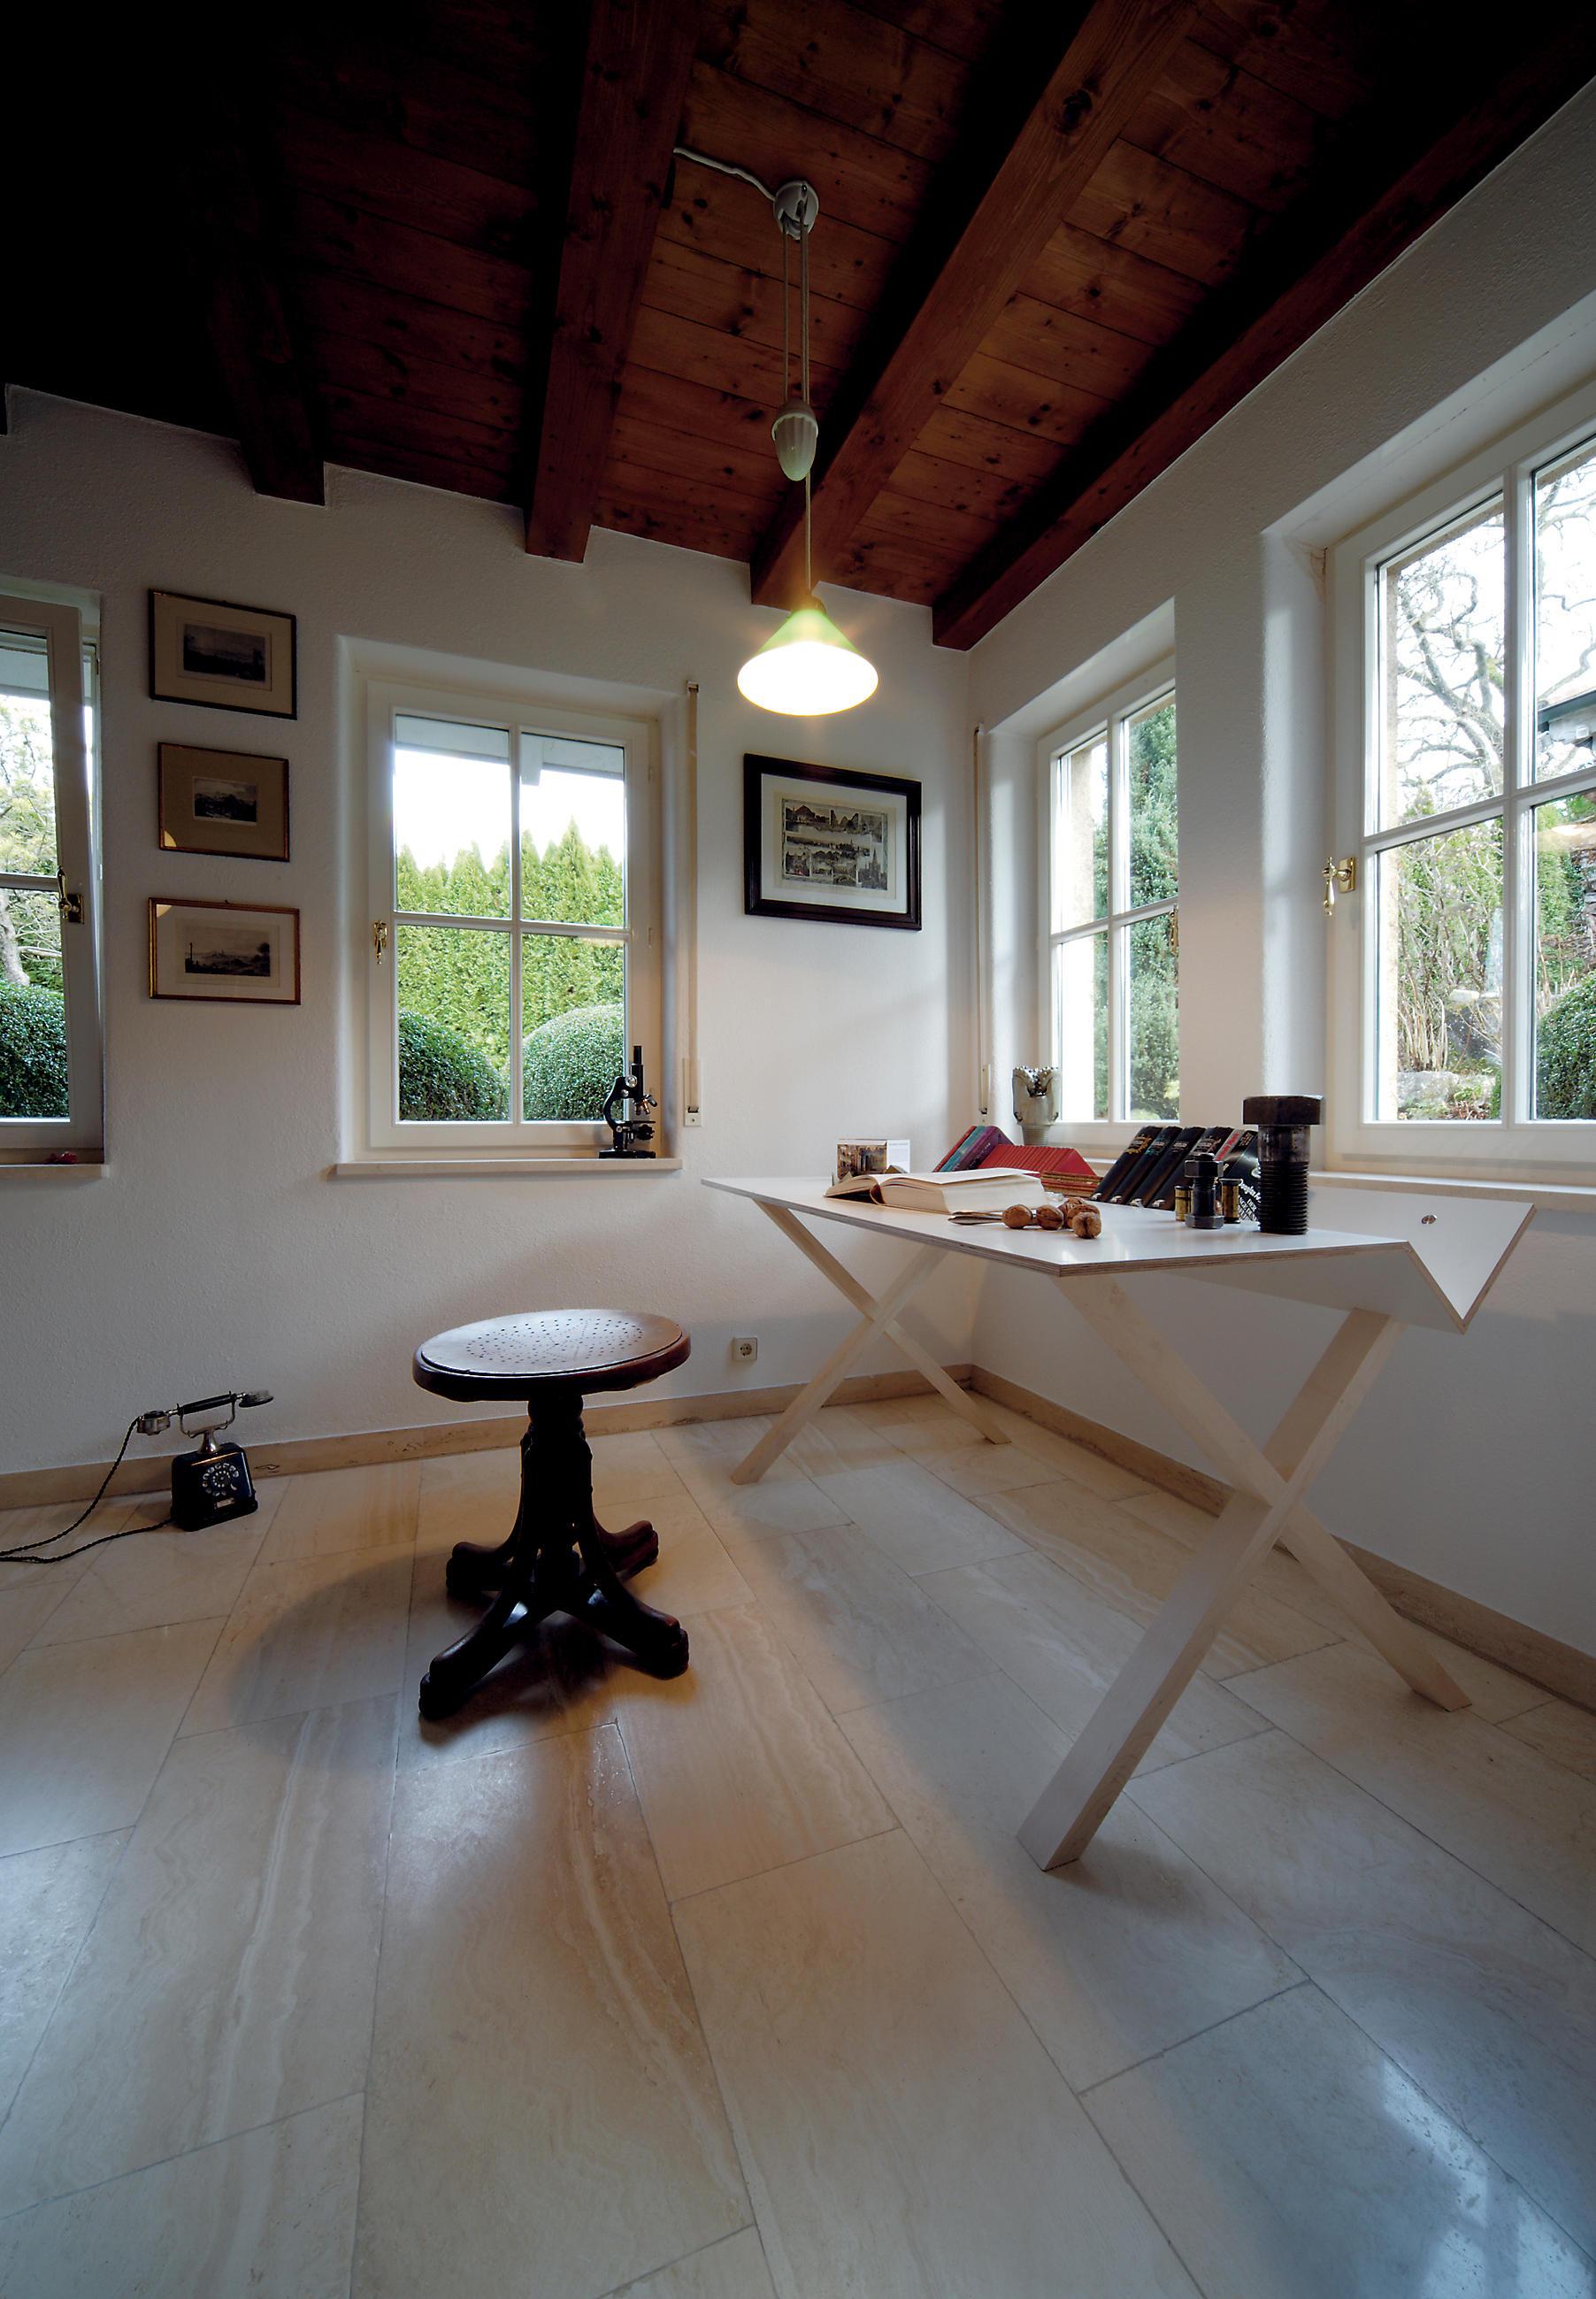 Trennwandsysteme Wohnbereich trennwandsysteme wohnbereich hausdesigns co